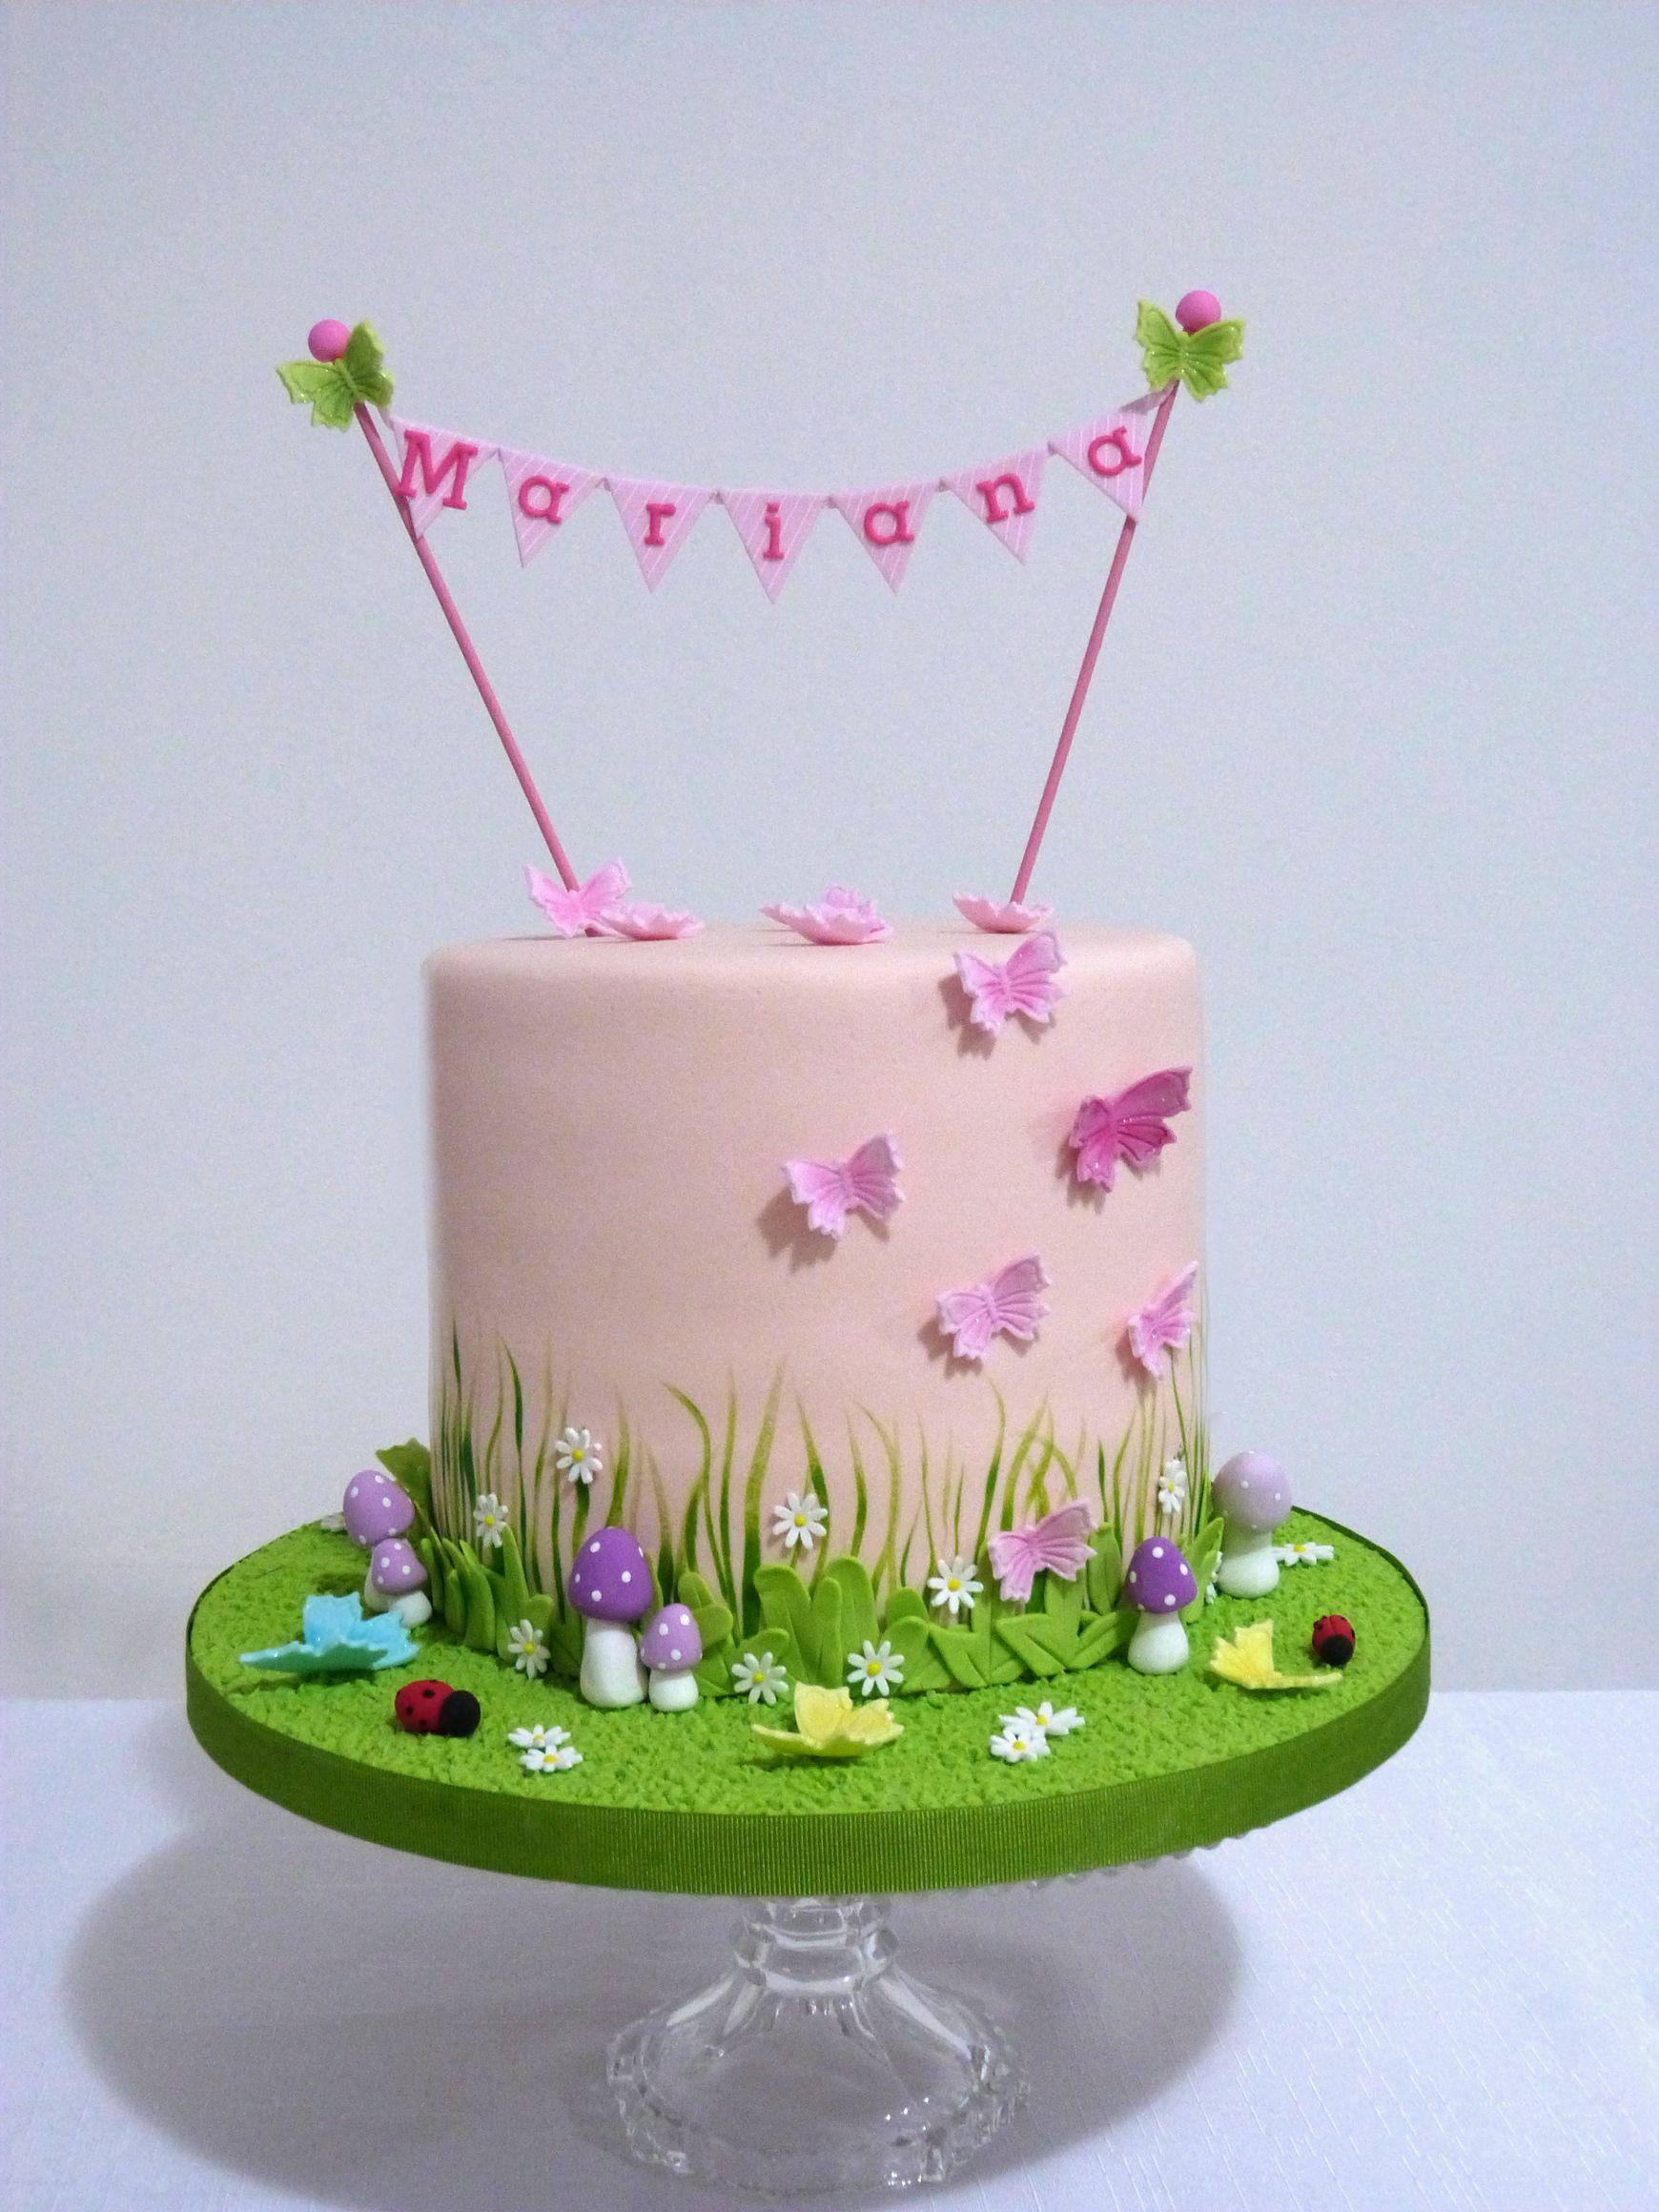 Manao Cakes